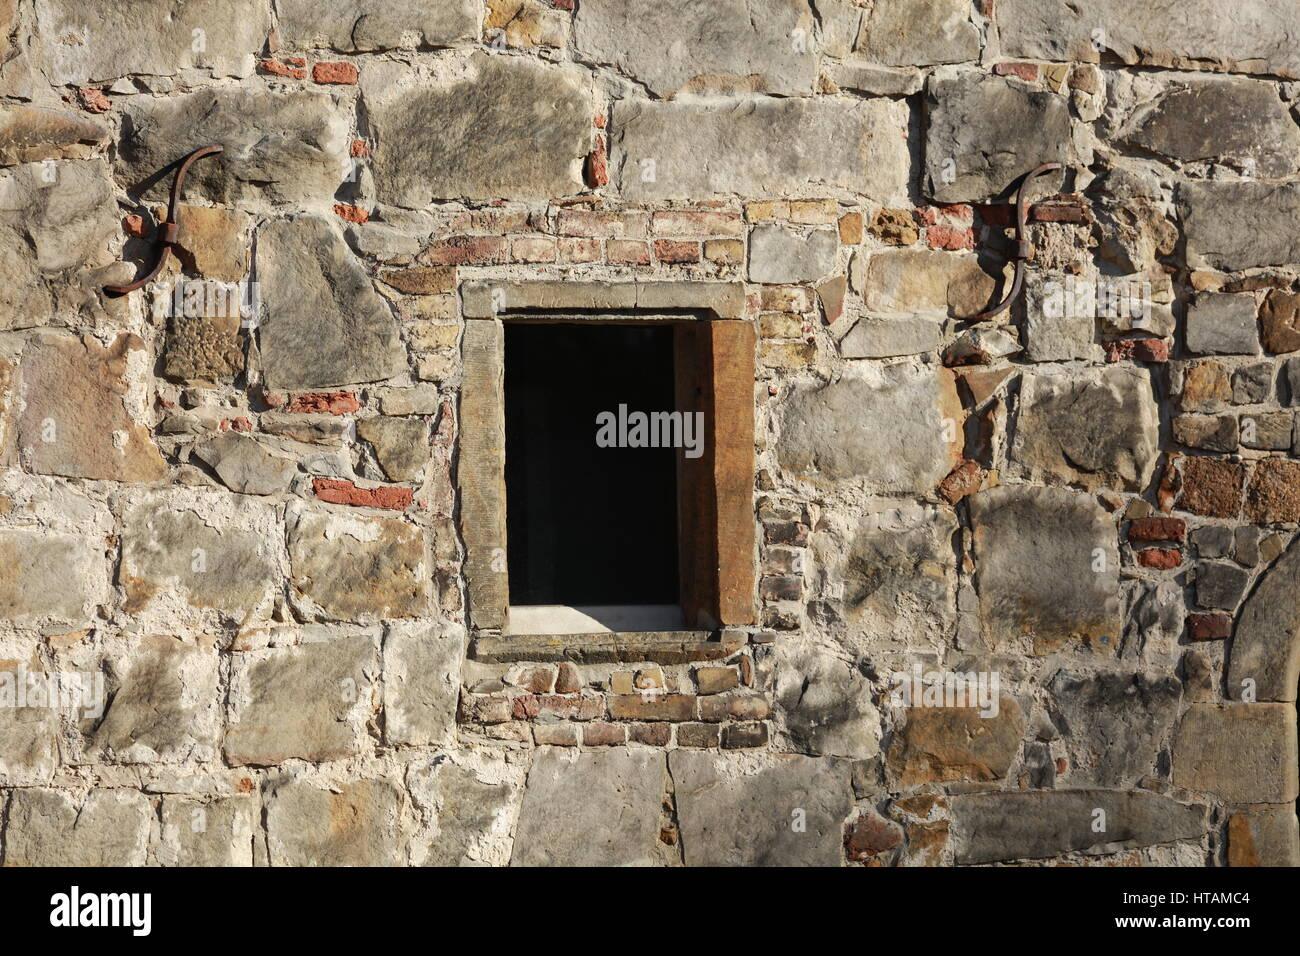 Natursteinmauer mit Fenster - Stock Image